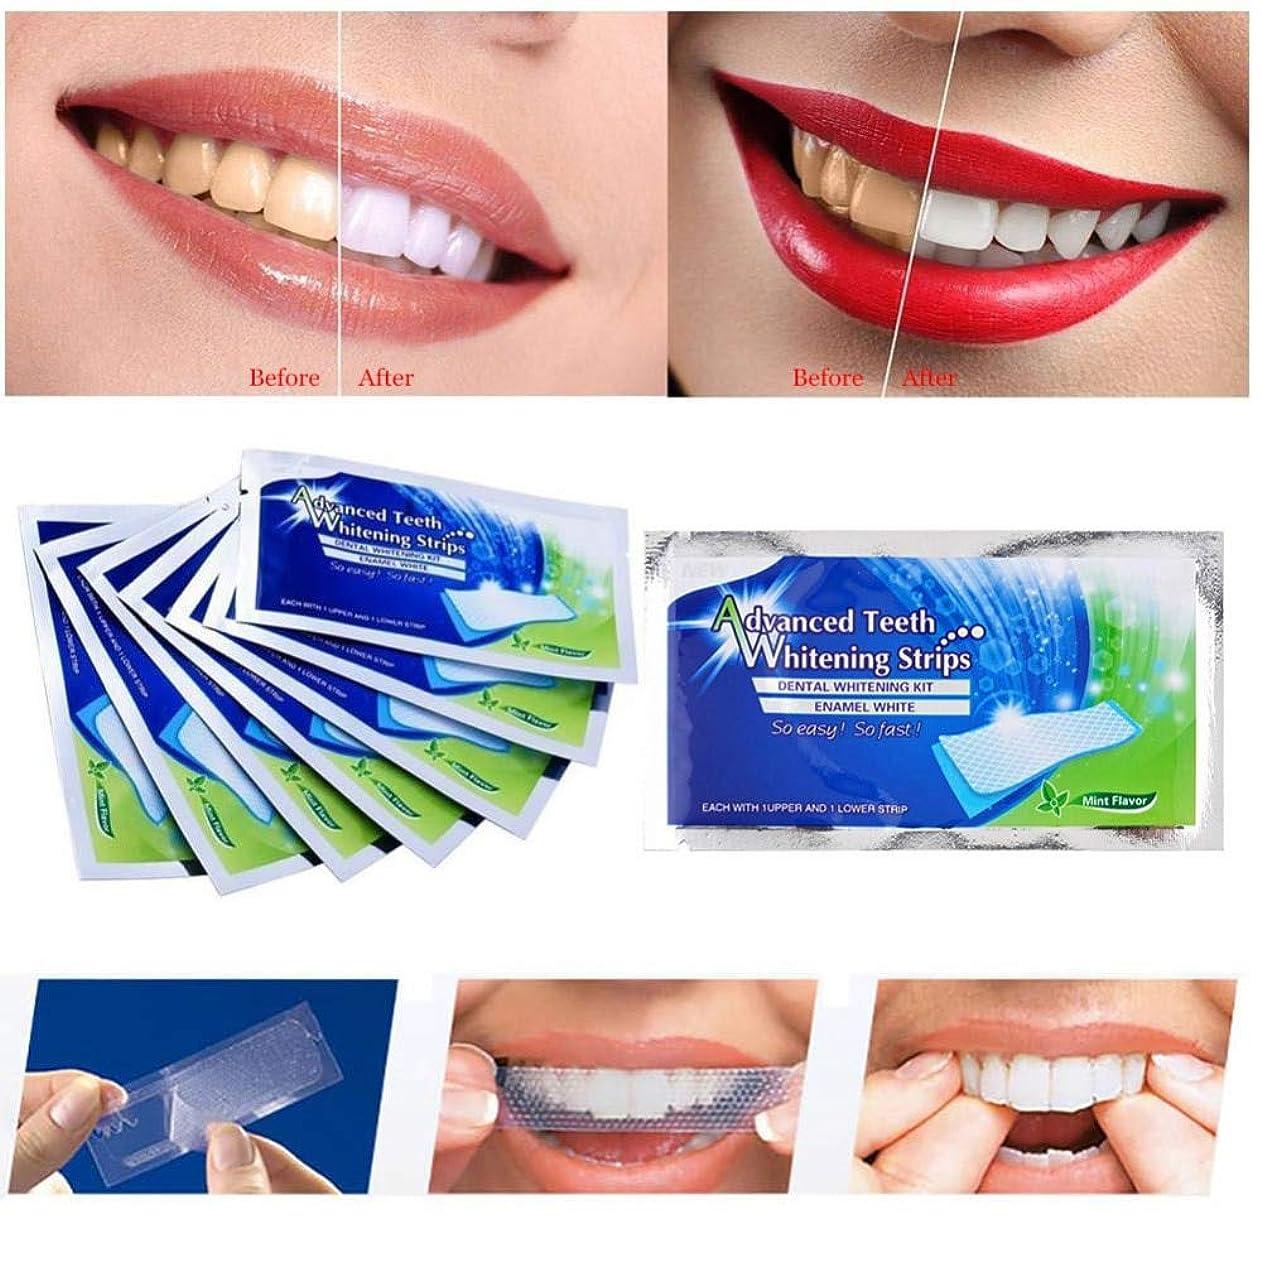 生む間違いなく悪性腫瘍(最高の品質と価格)20pcs(10bag)歯ホワイトニングストリップ歯科治療用の完璧なツール (Best Quality and Price) 20pcs (10bag) Teeth Whitening Strips Perfect Tool for dental care